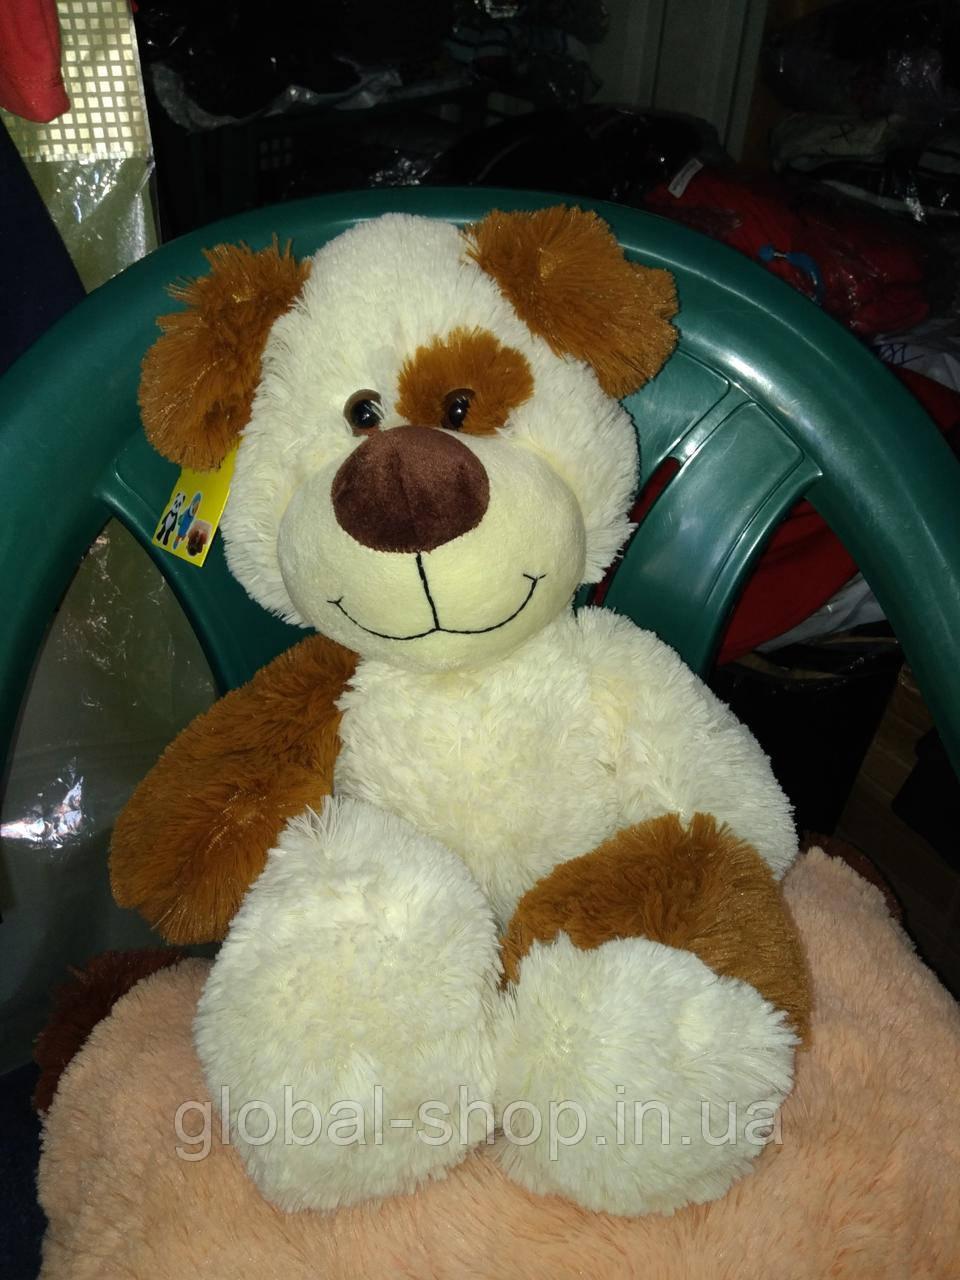 Мягкая игрушка  Пес Барбос 50см